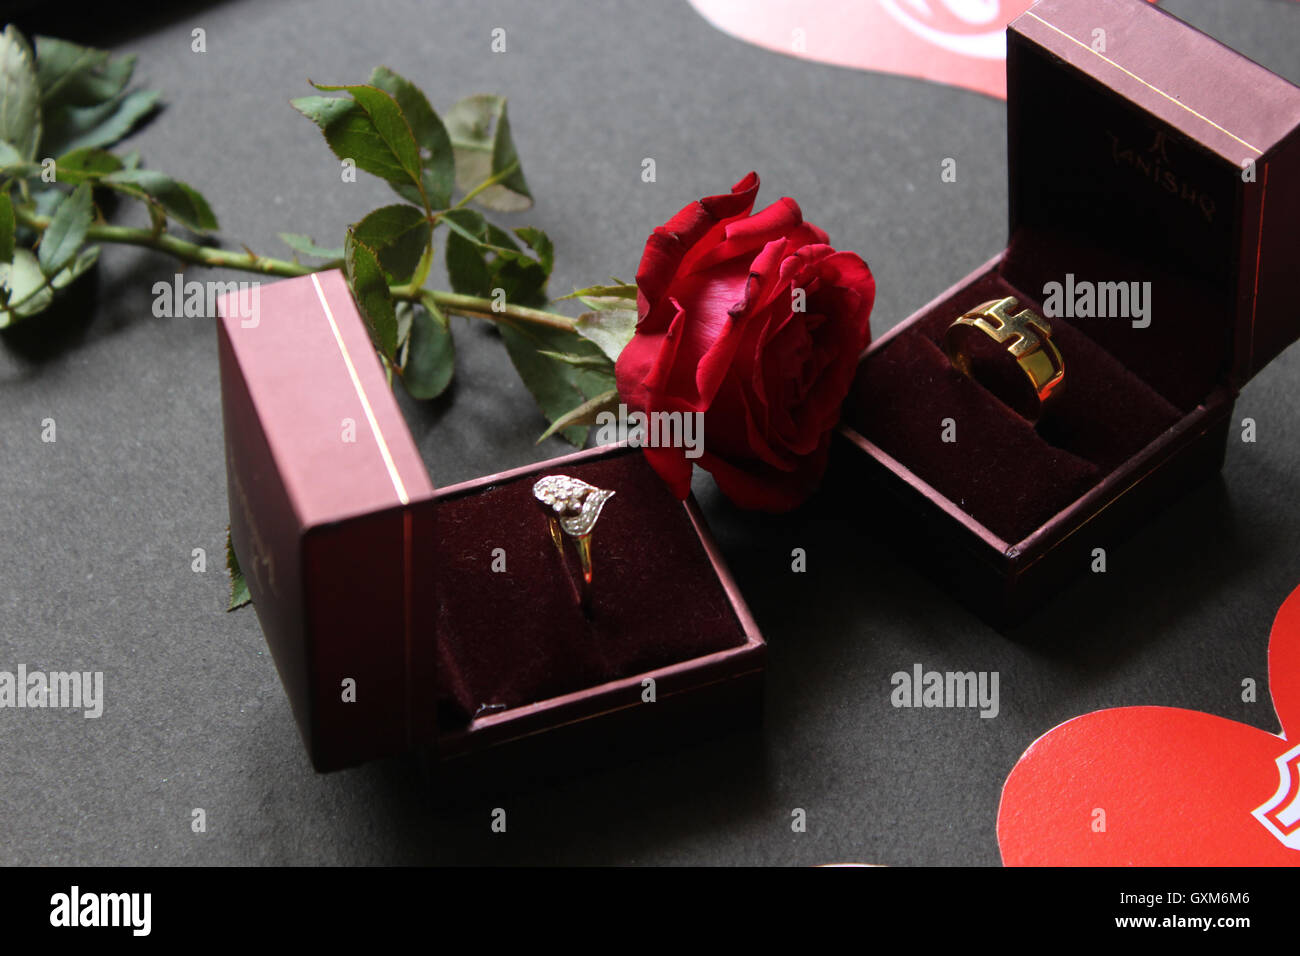 Les Anneaux De Mariage Cadeaux Bijoux Des Boîtes Cadeaux